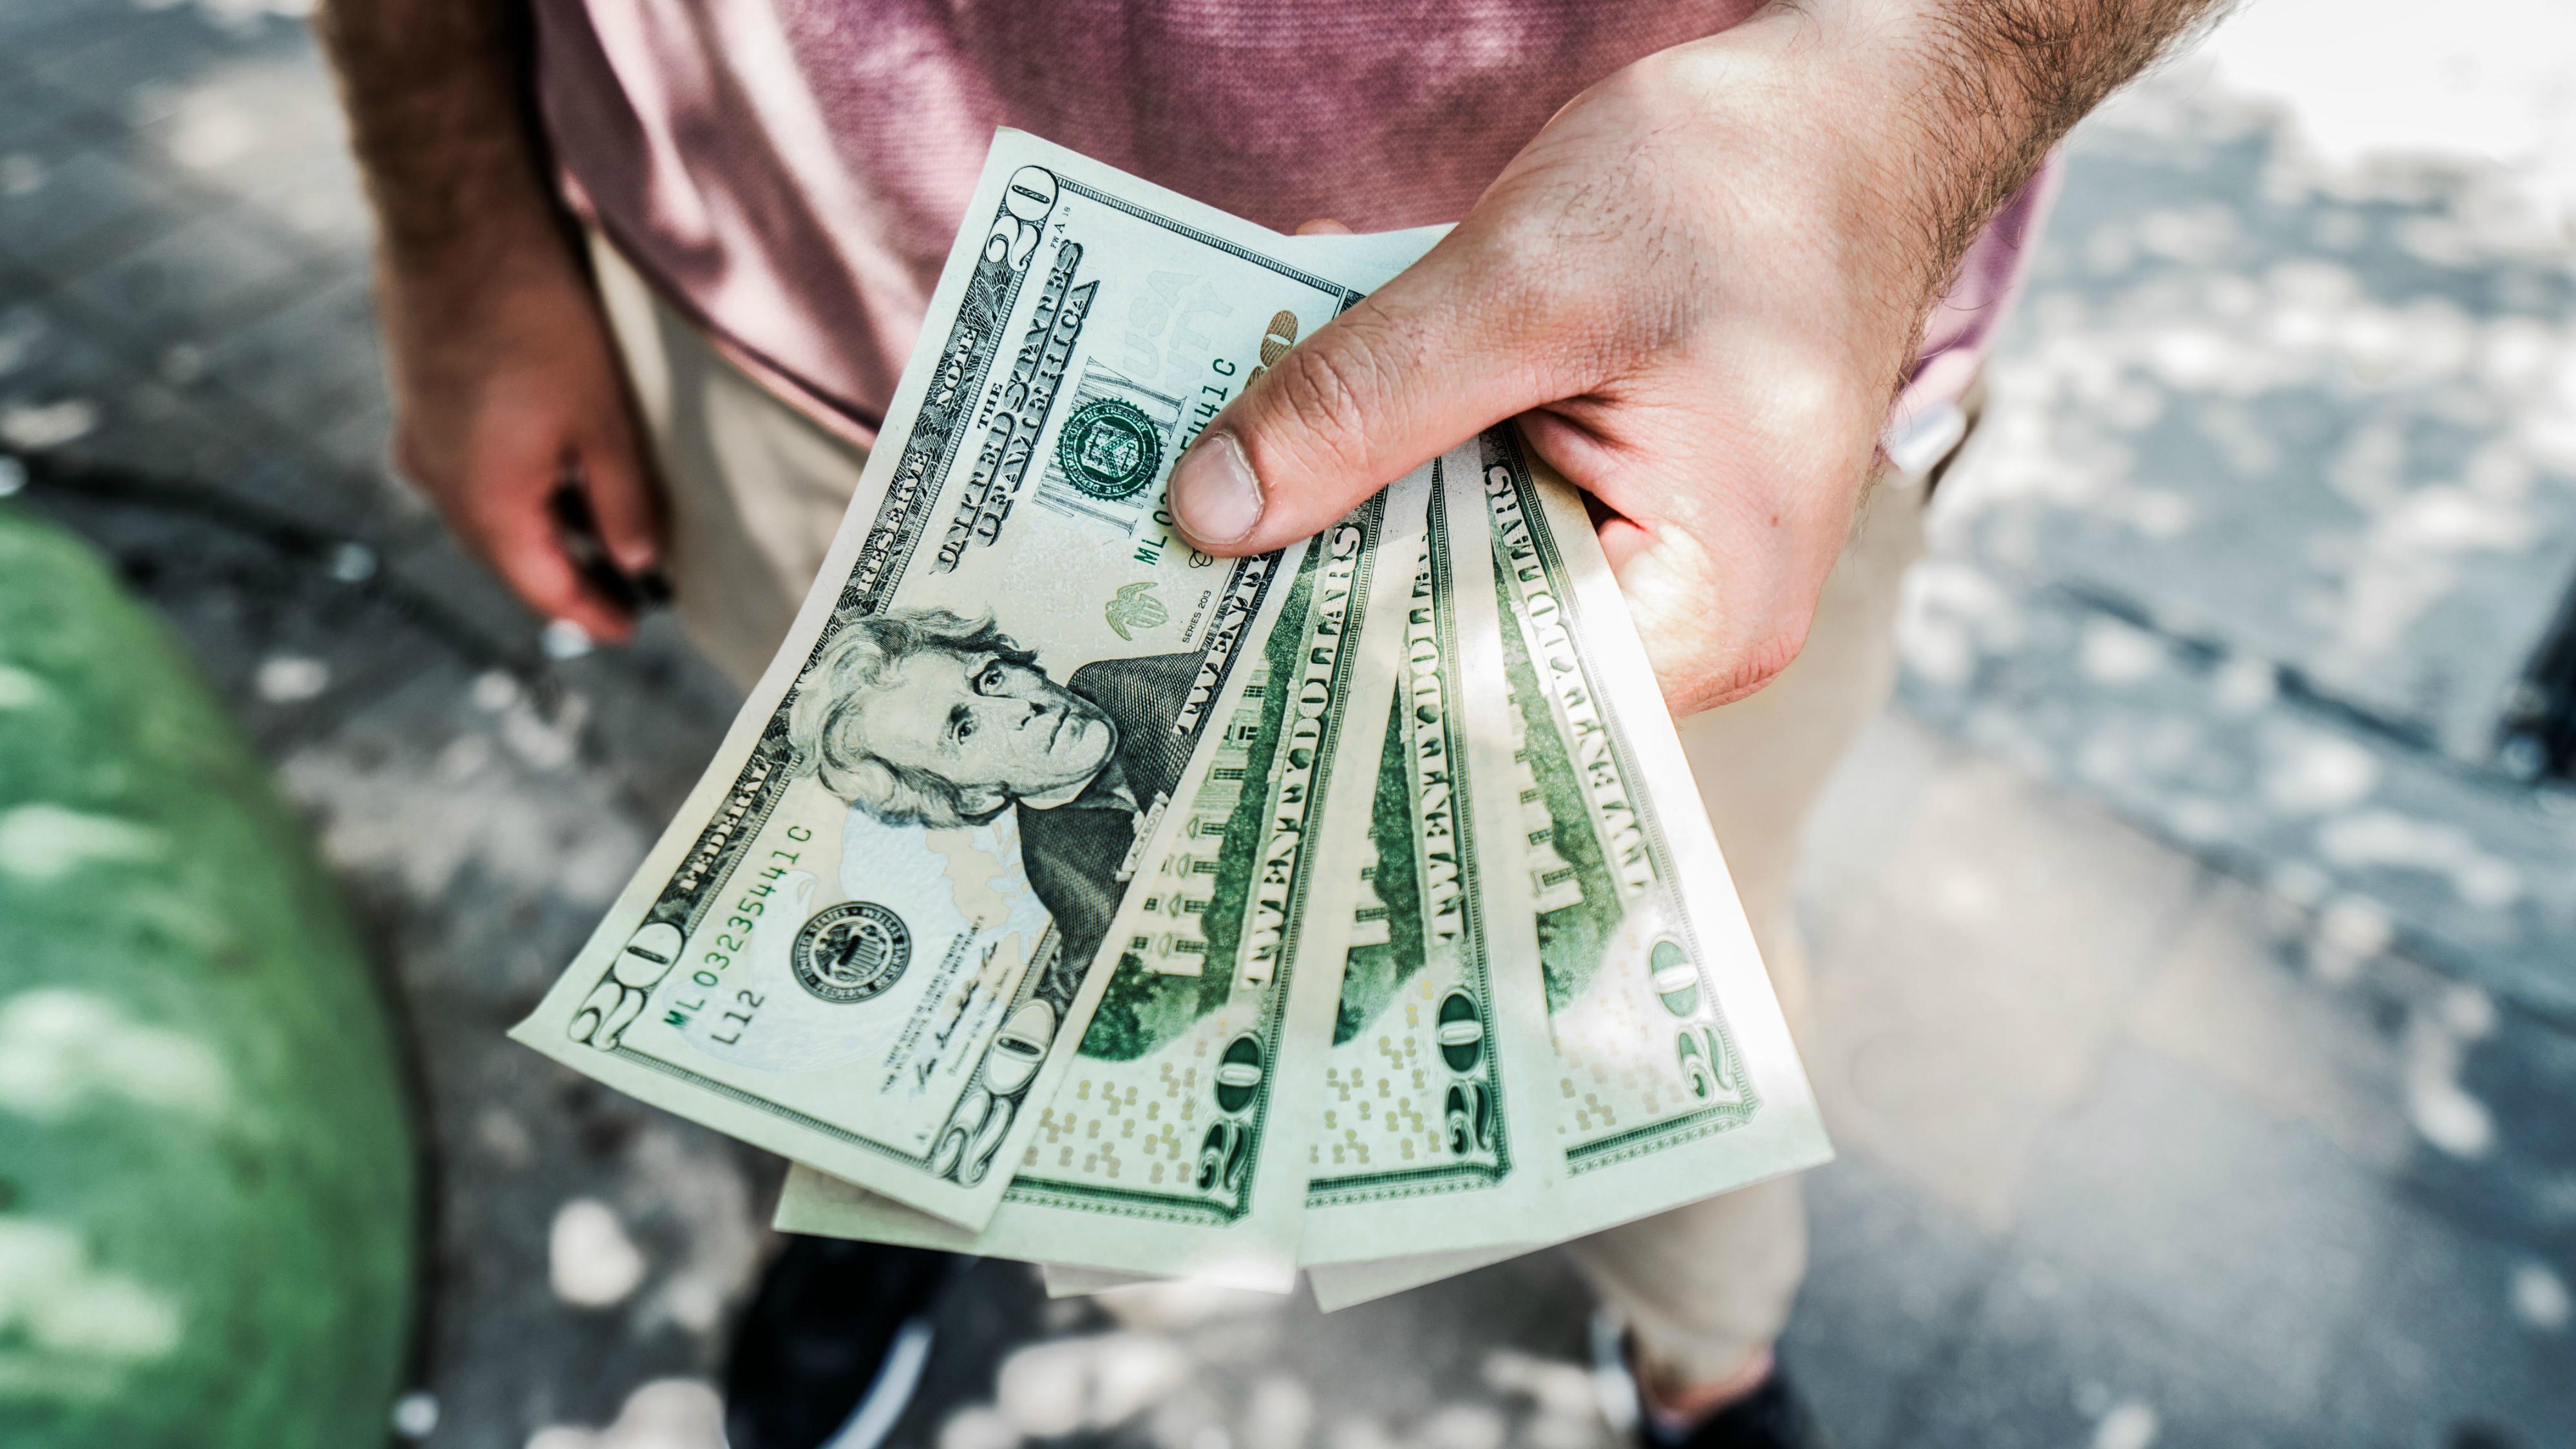 Beta Beidz atklāj, kā nopelna naudu iztikai - Slavenības - azboulings.lv - Izklaide - azboulings.lv